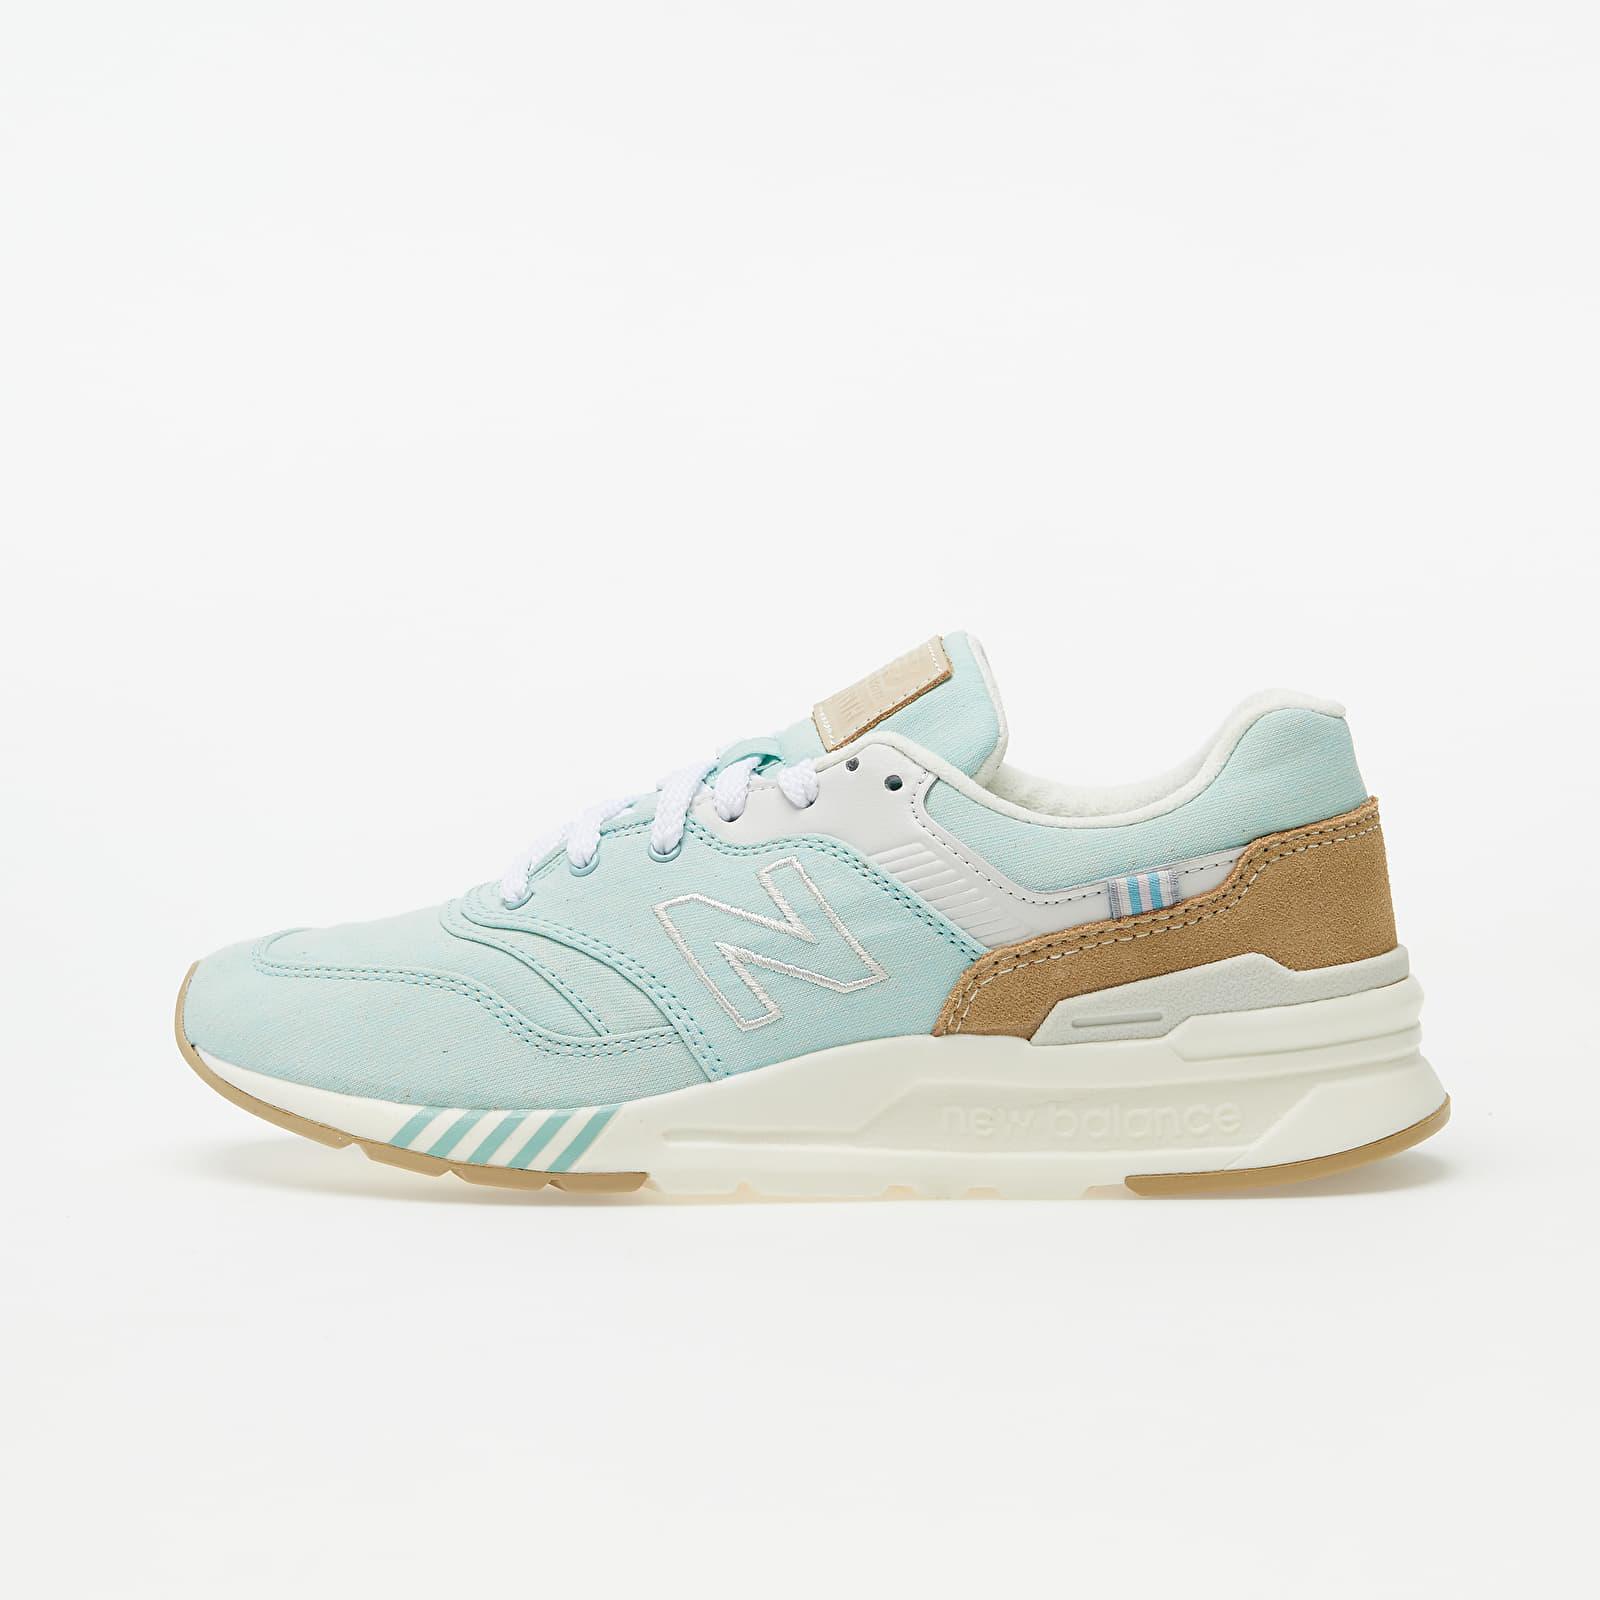 Női cipők New Balance 997 Mint